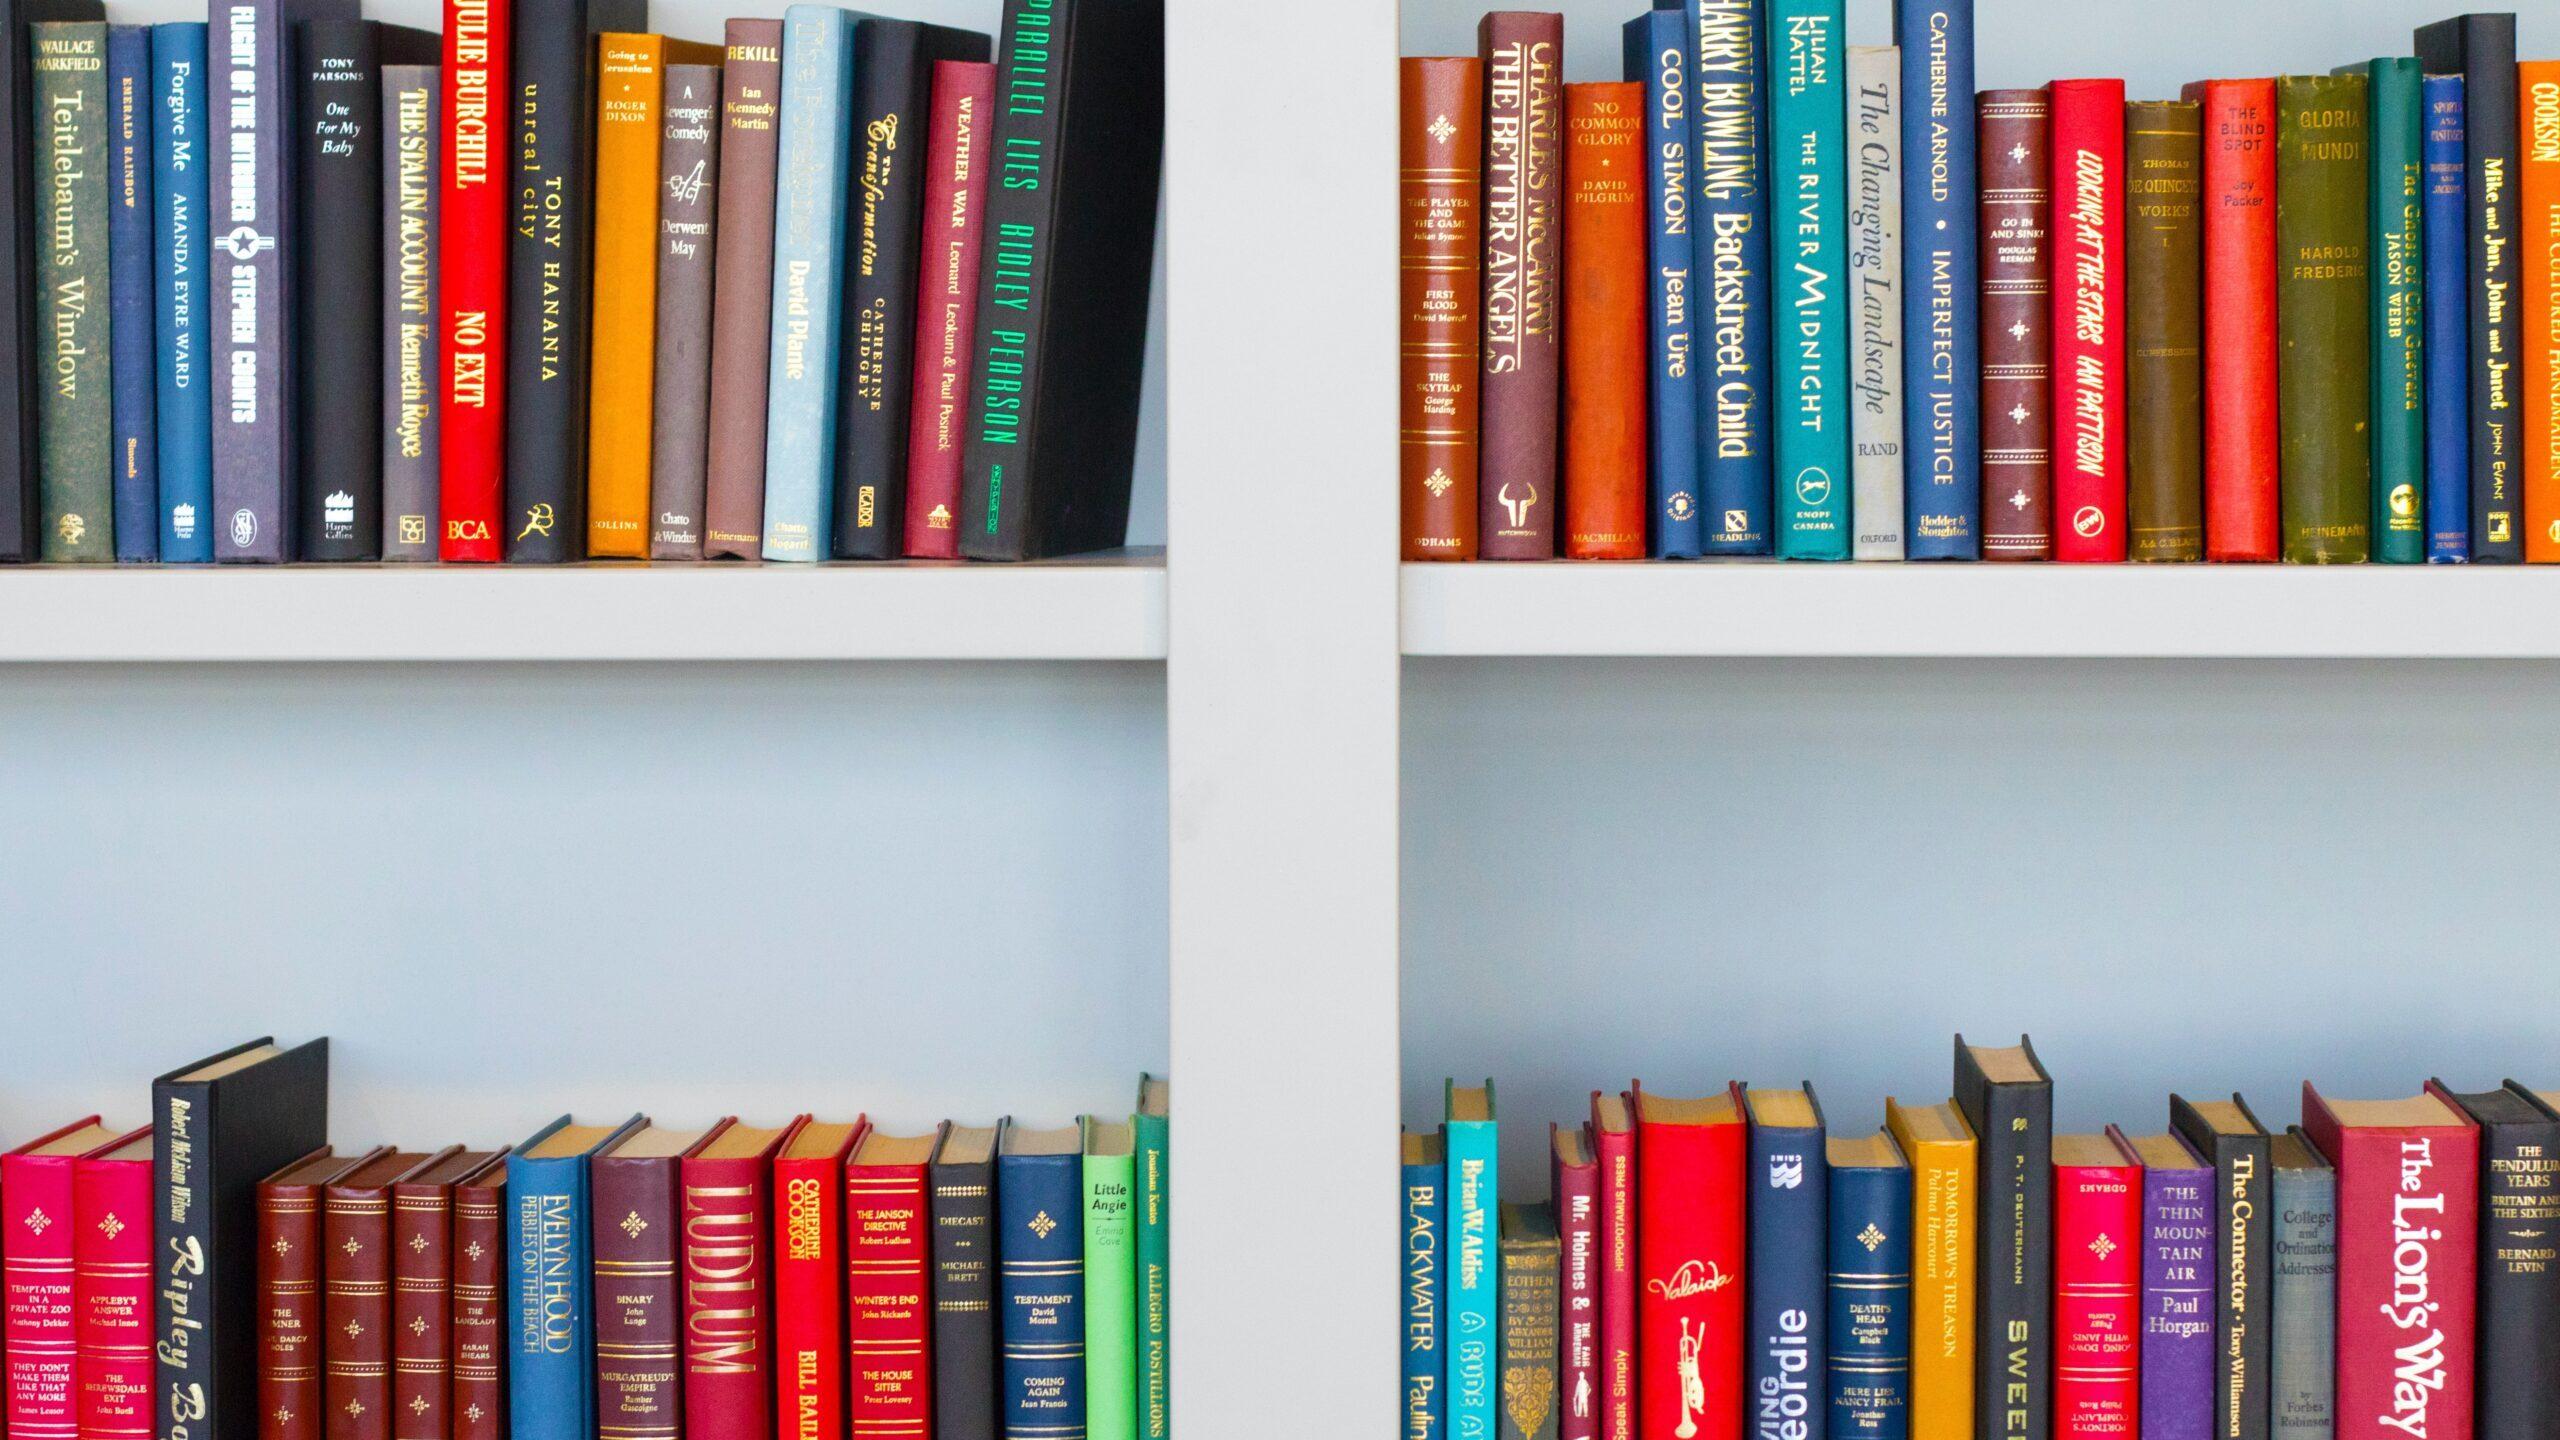 本棚にカラフルな本が並んでいる写真